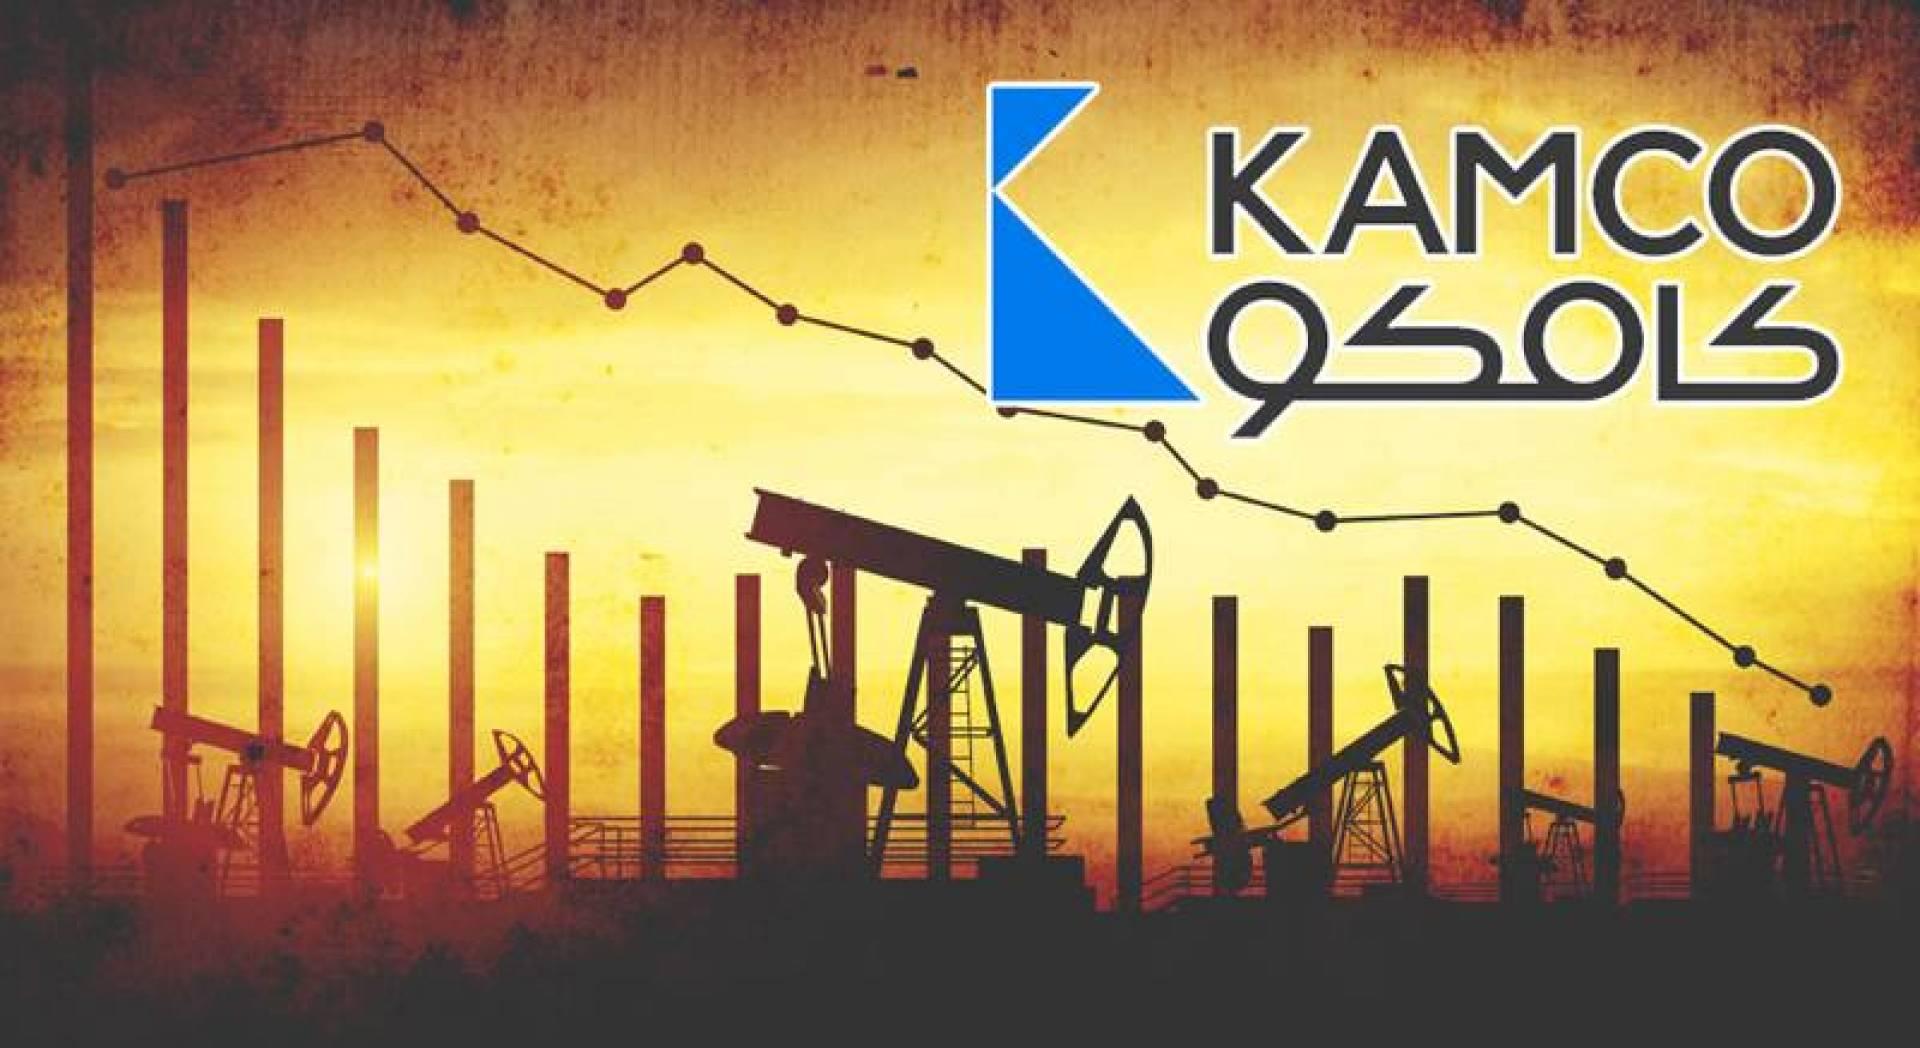 «كامكو»: النفط يفقد 15% من قيمته في 6 جلسات